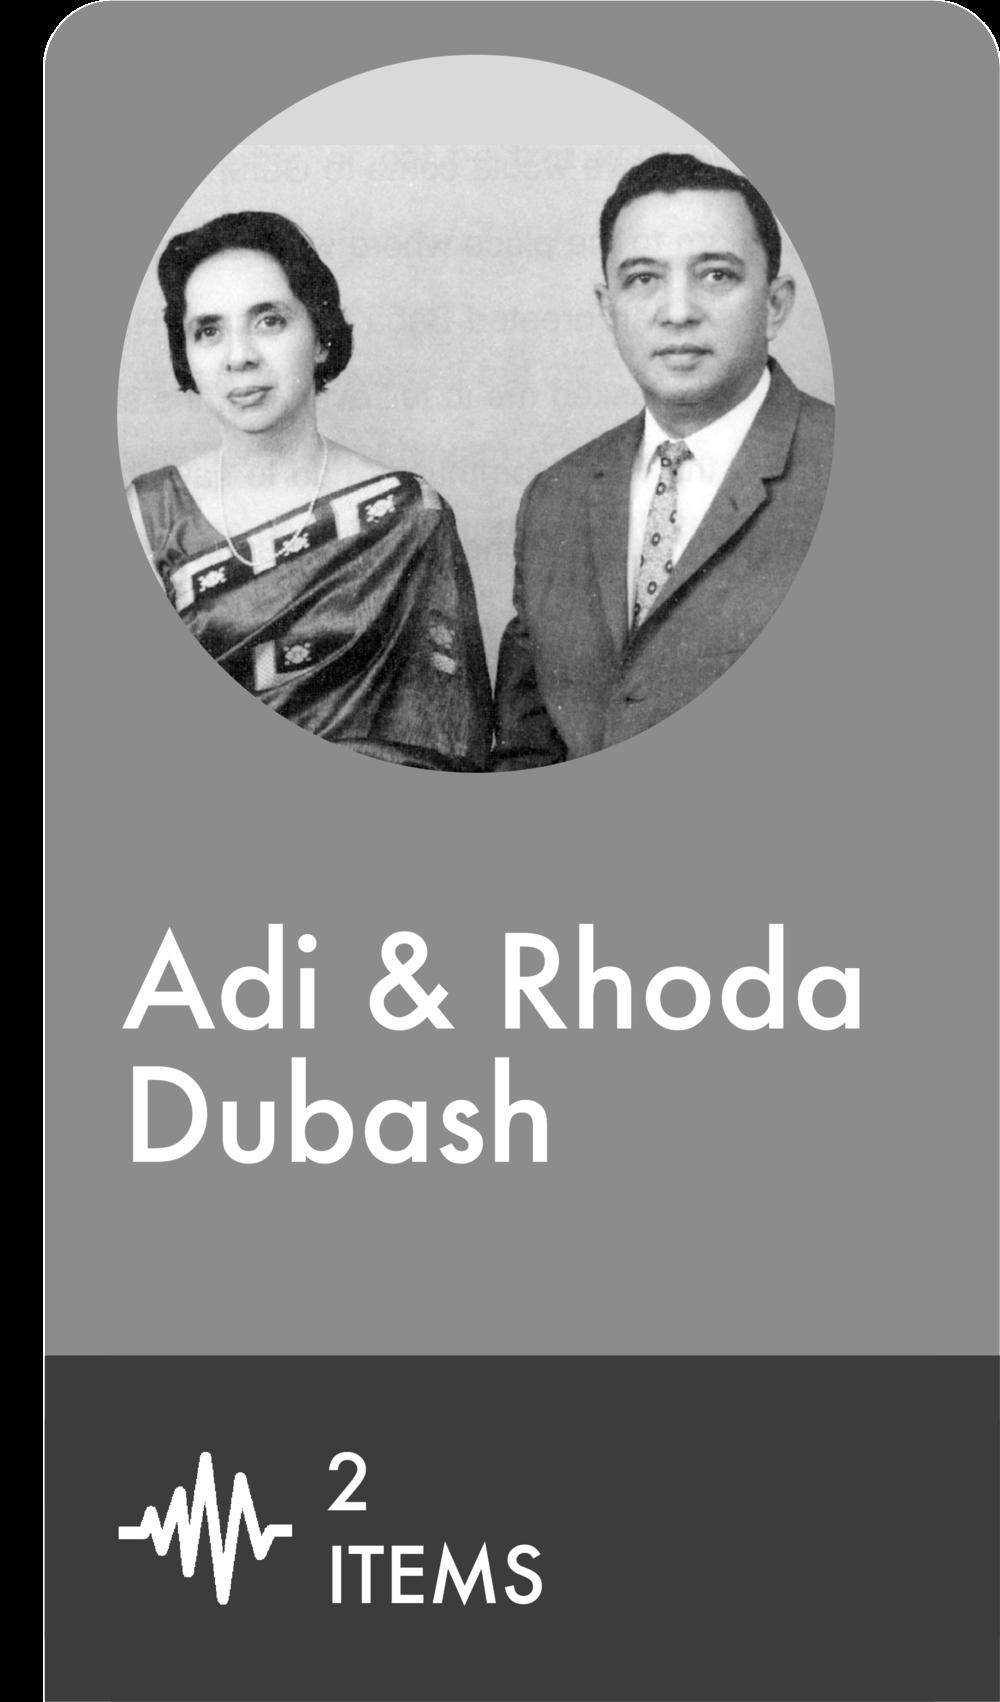 Adi_Rhoda Dubash.png